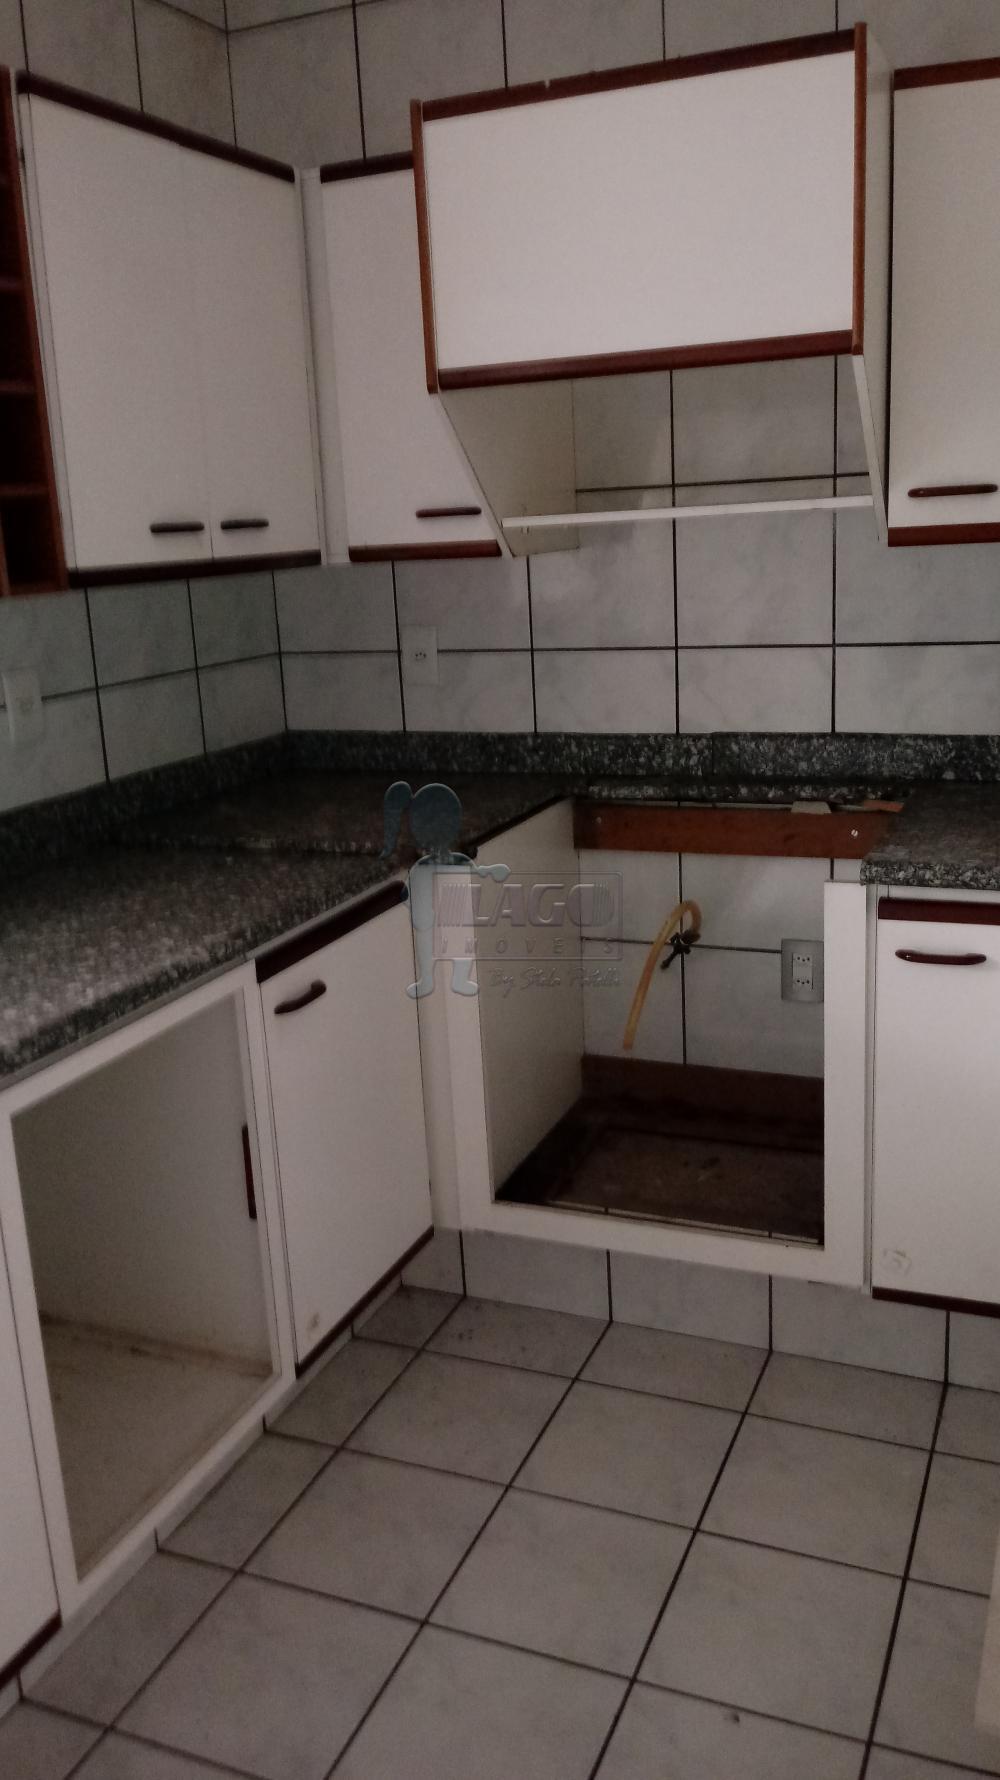 Comprar Apartamento / Padrão em Ribeirão Preto apenas R$ 230.000,00 - Foto 7